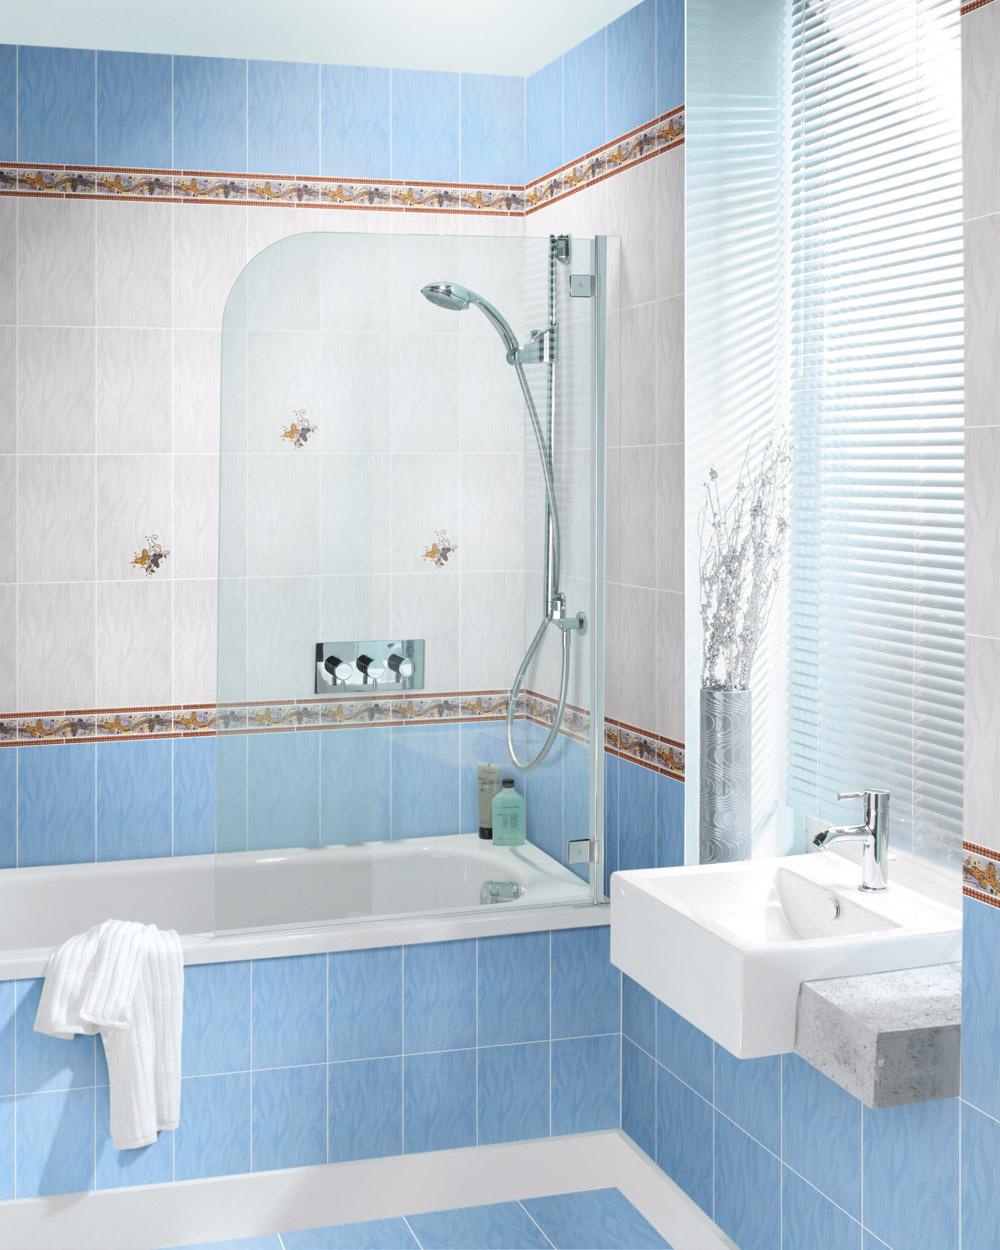 Дизайн маленькой ванной комнаты идеи советы рекомендации: Дизайн плитки в маленькой ванной » Картинки и фотографии